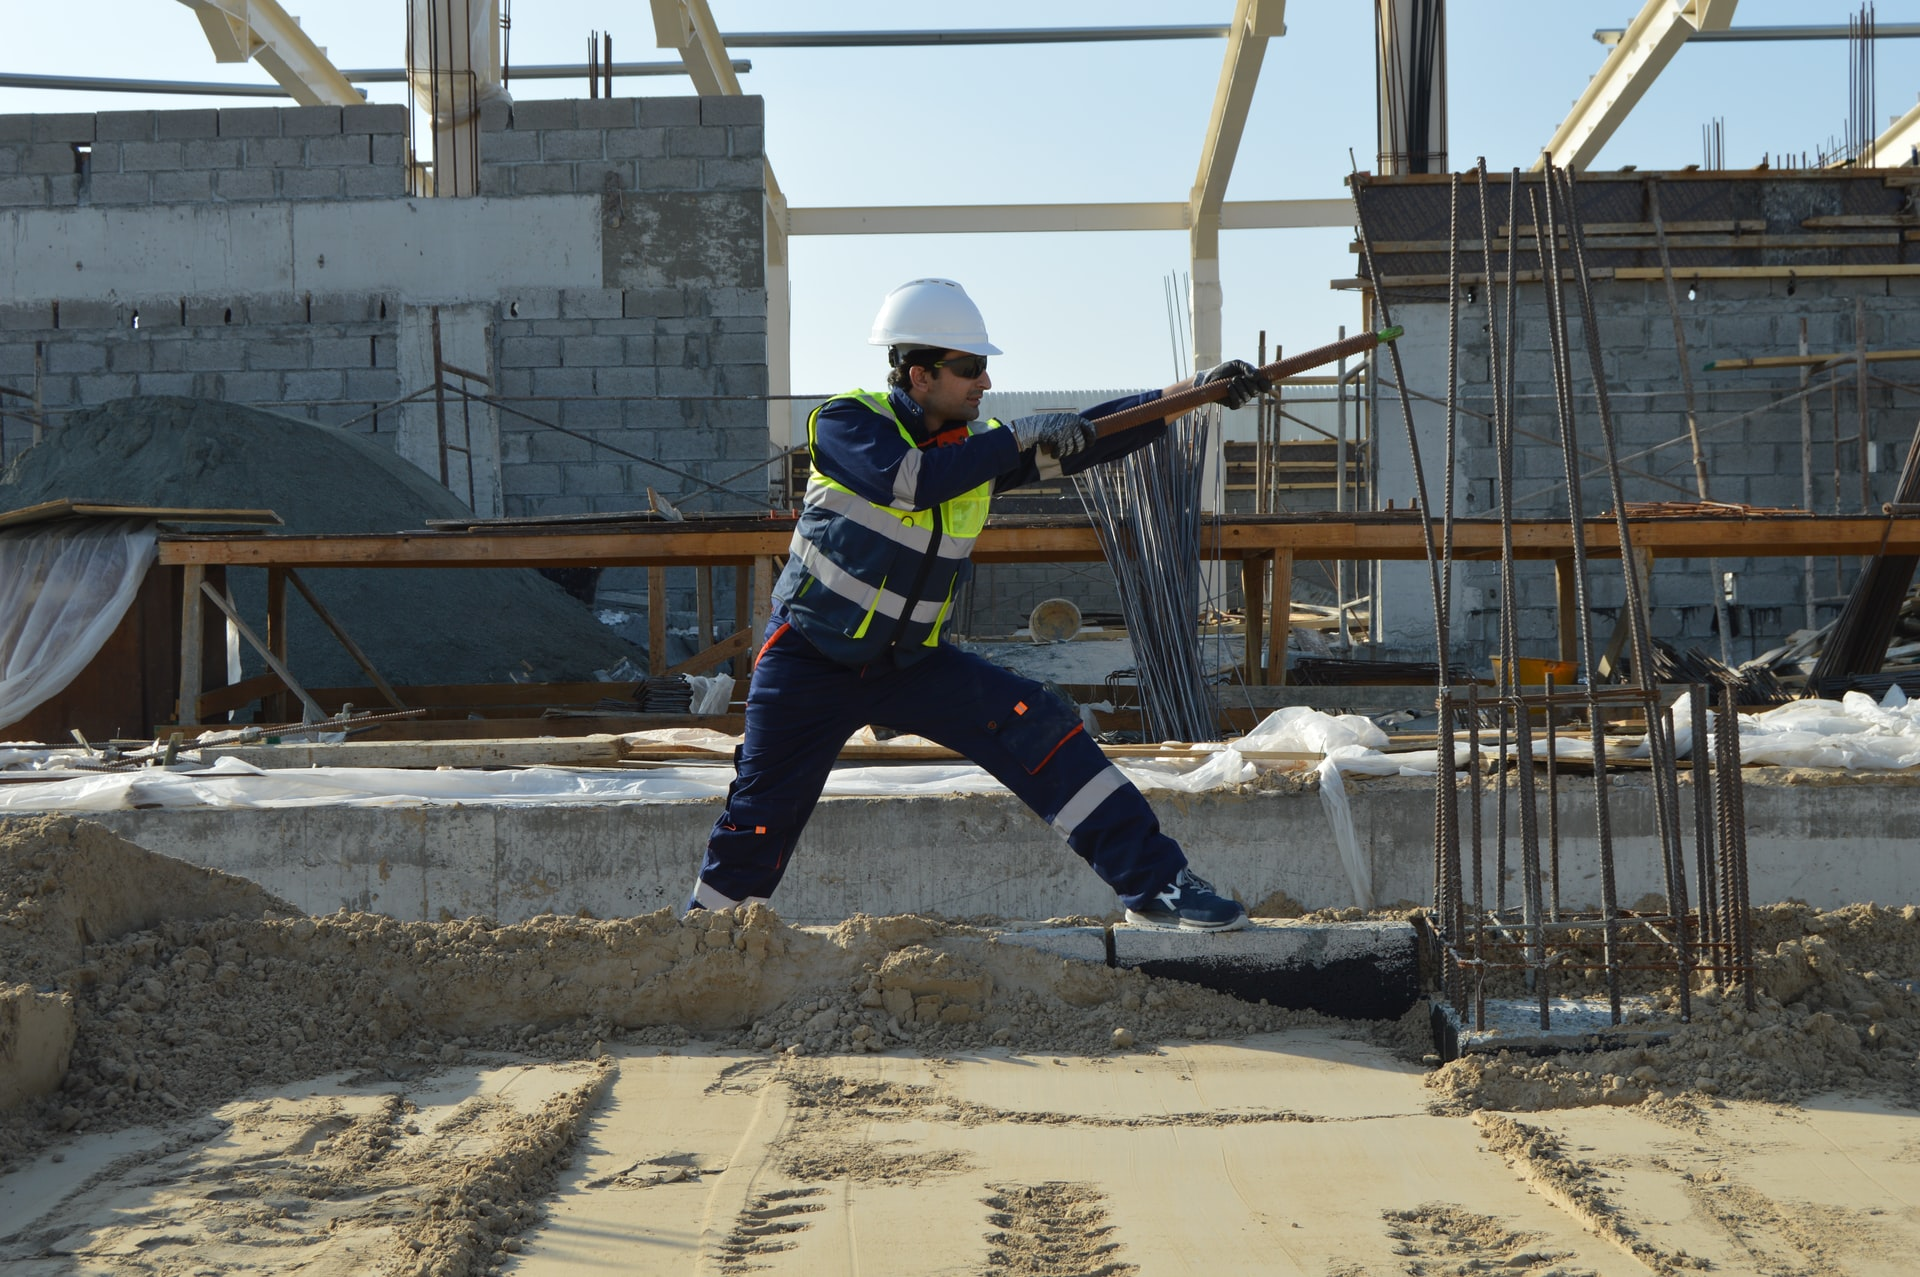 Budowa domu - kto zrealizuje inwestycje?